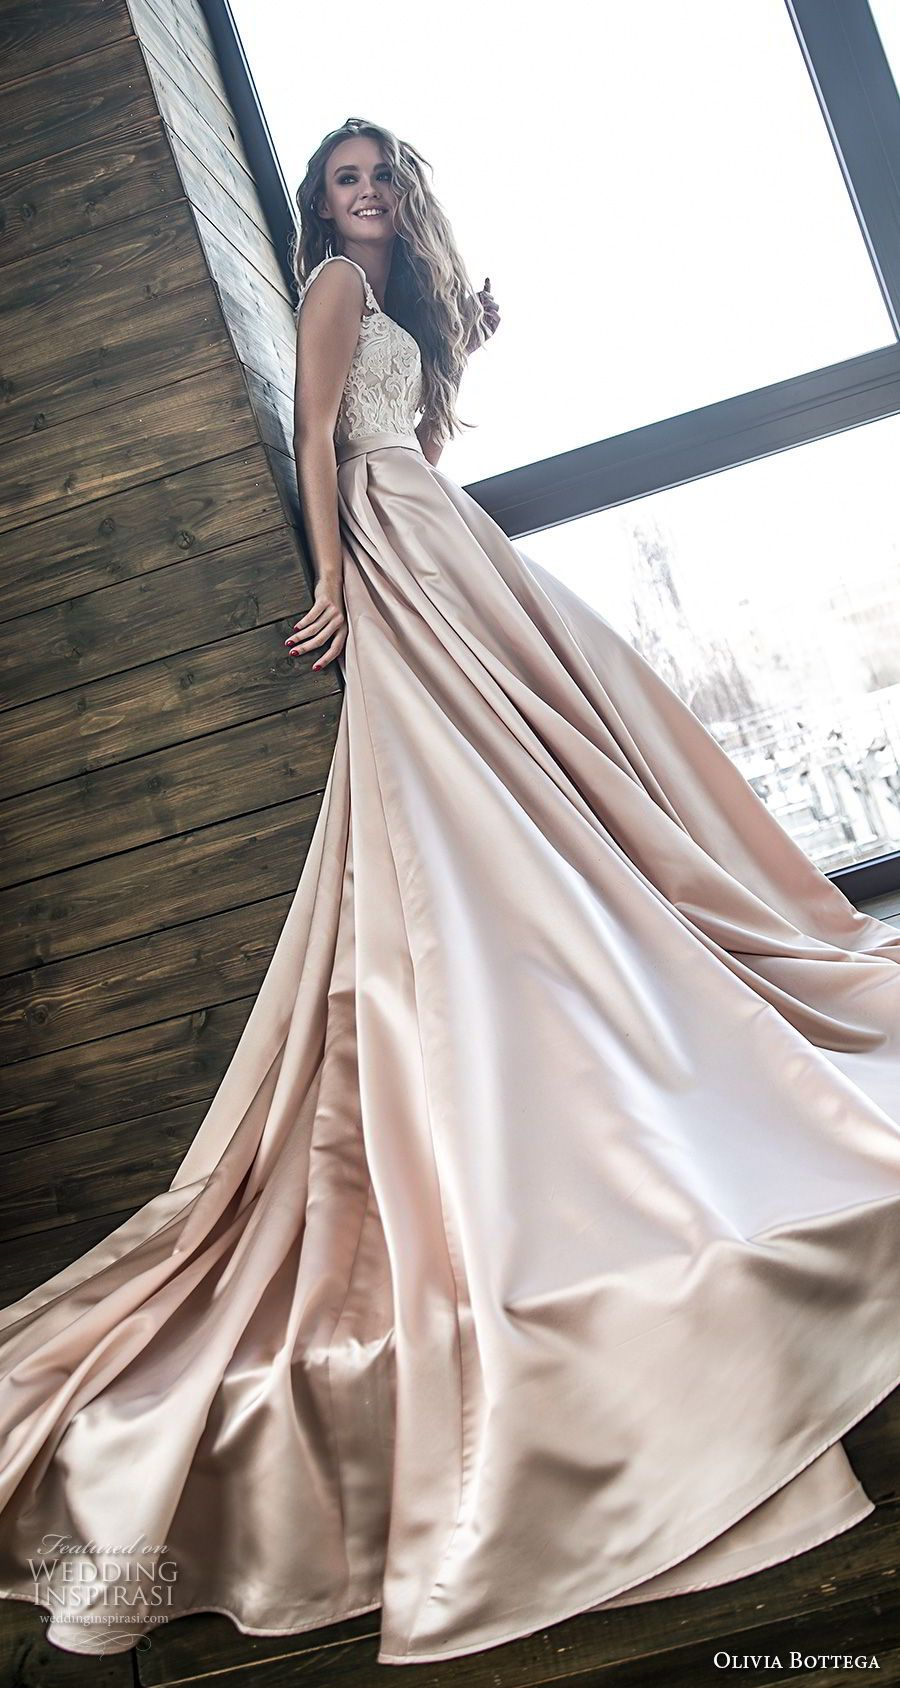 Olivia bottega wedding dresses fashionable pinterest